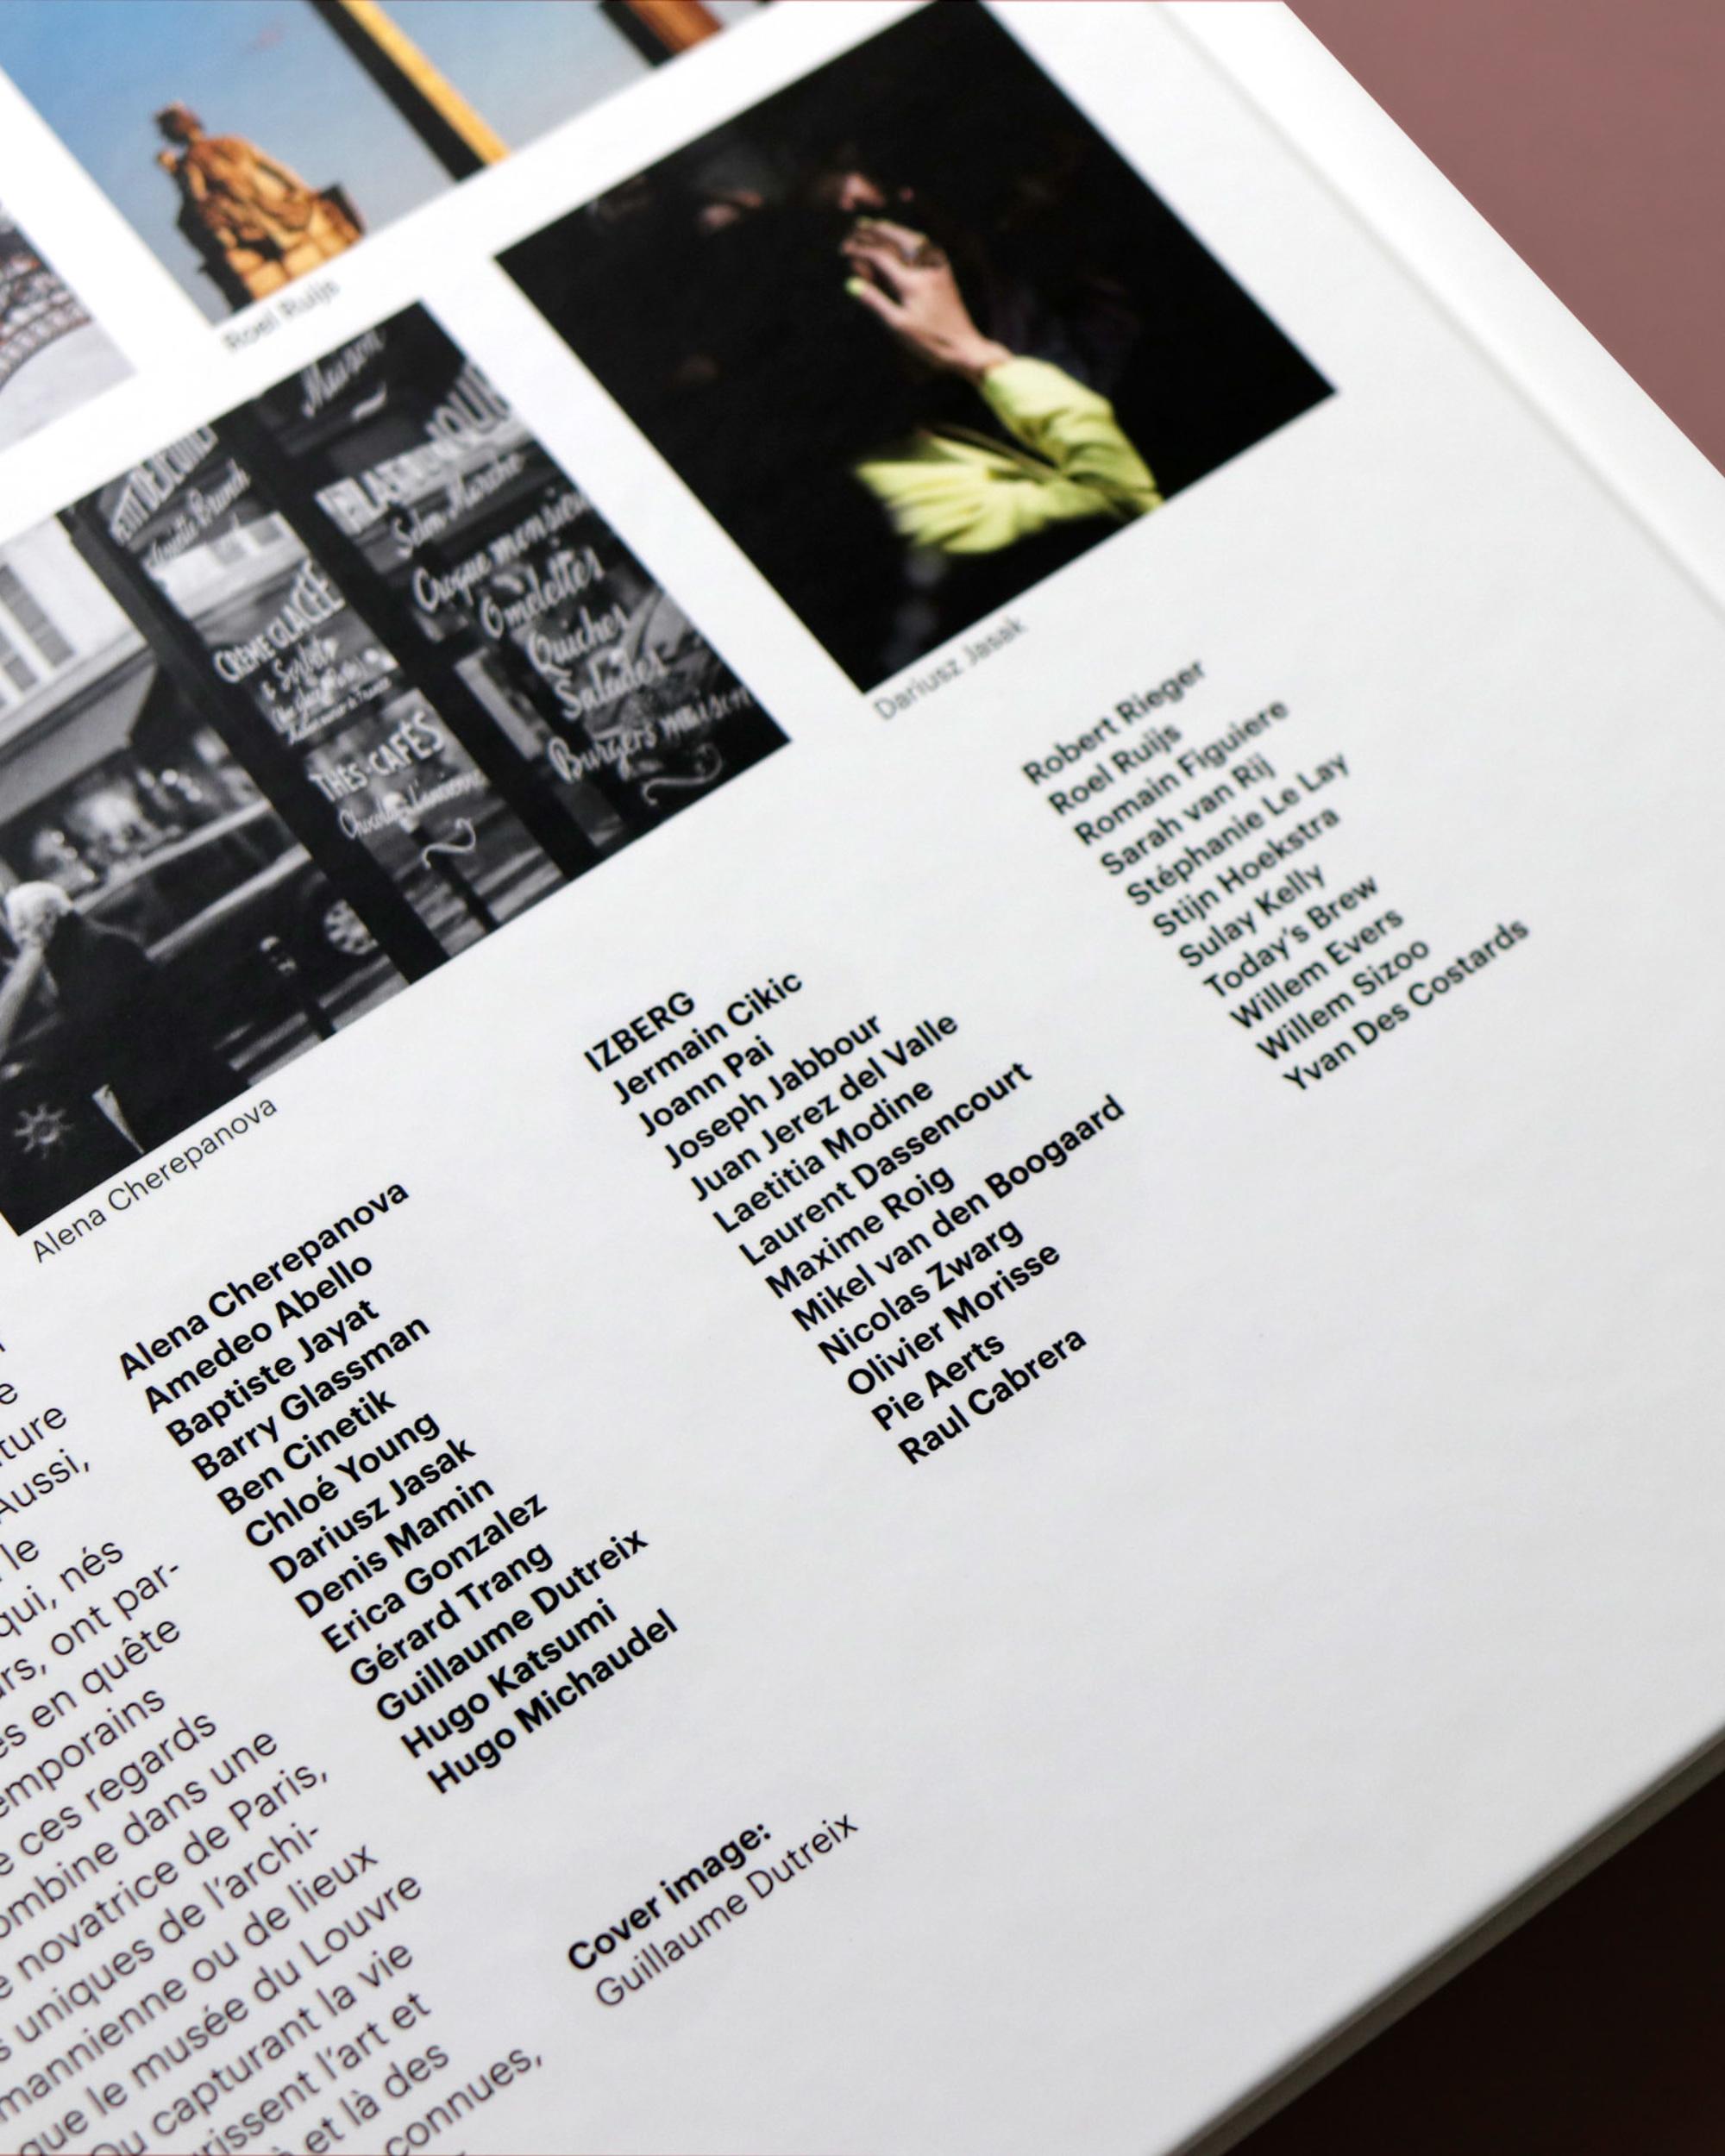 mendo-book-streets-of-paris-studio-35-2000x2500-c-default.jpg